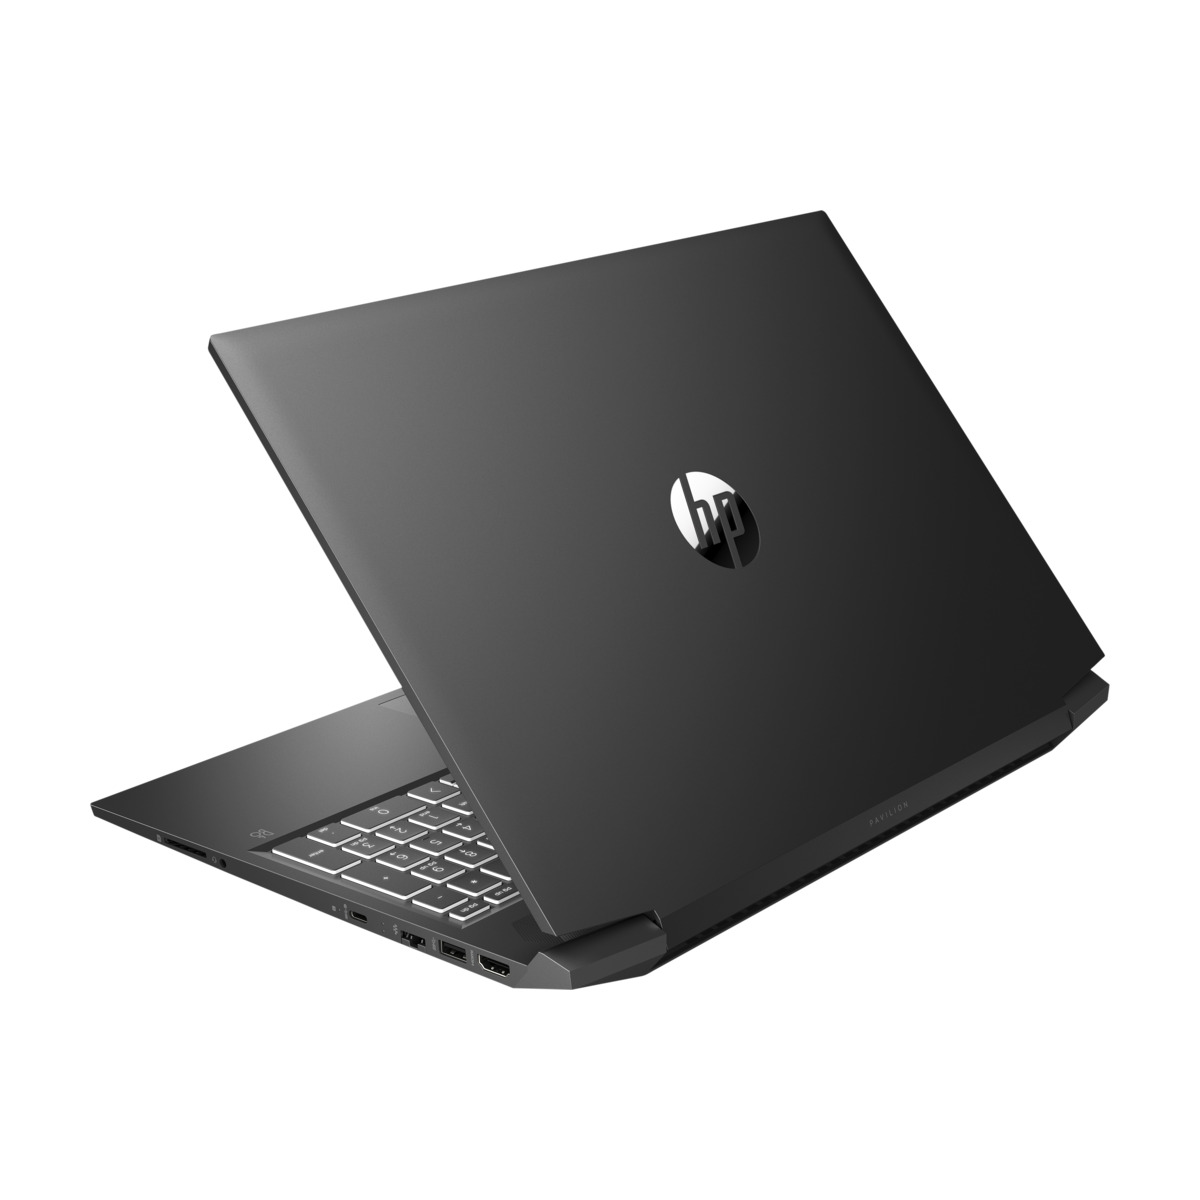 HP PAVILION 16 A0015NO 16,1 BÆRBAR PC Power.no